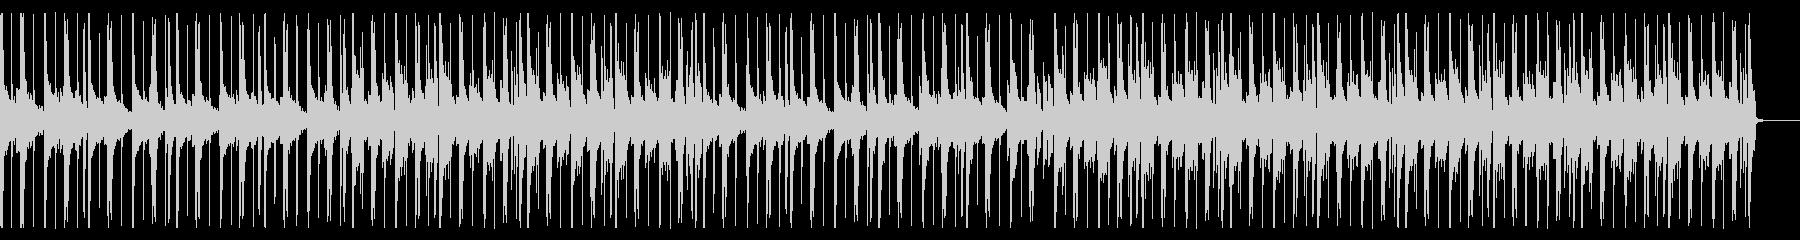 儚げ/R&B_No606_6の未再生の波形